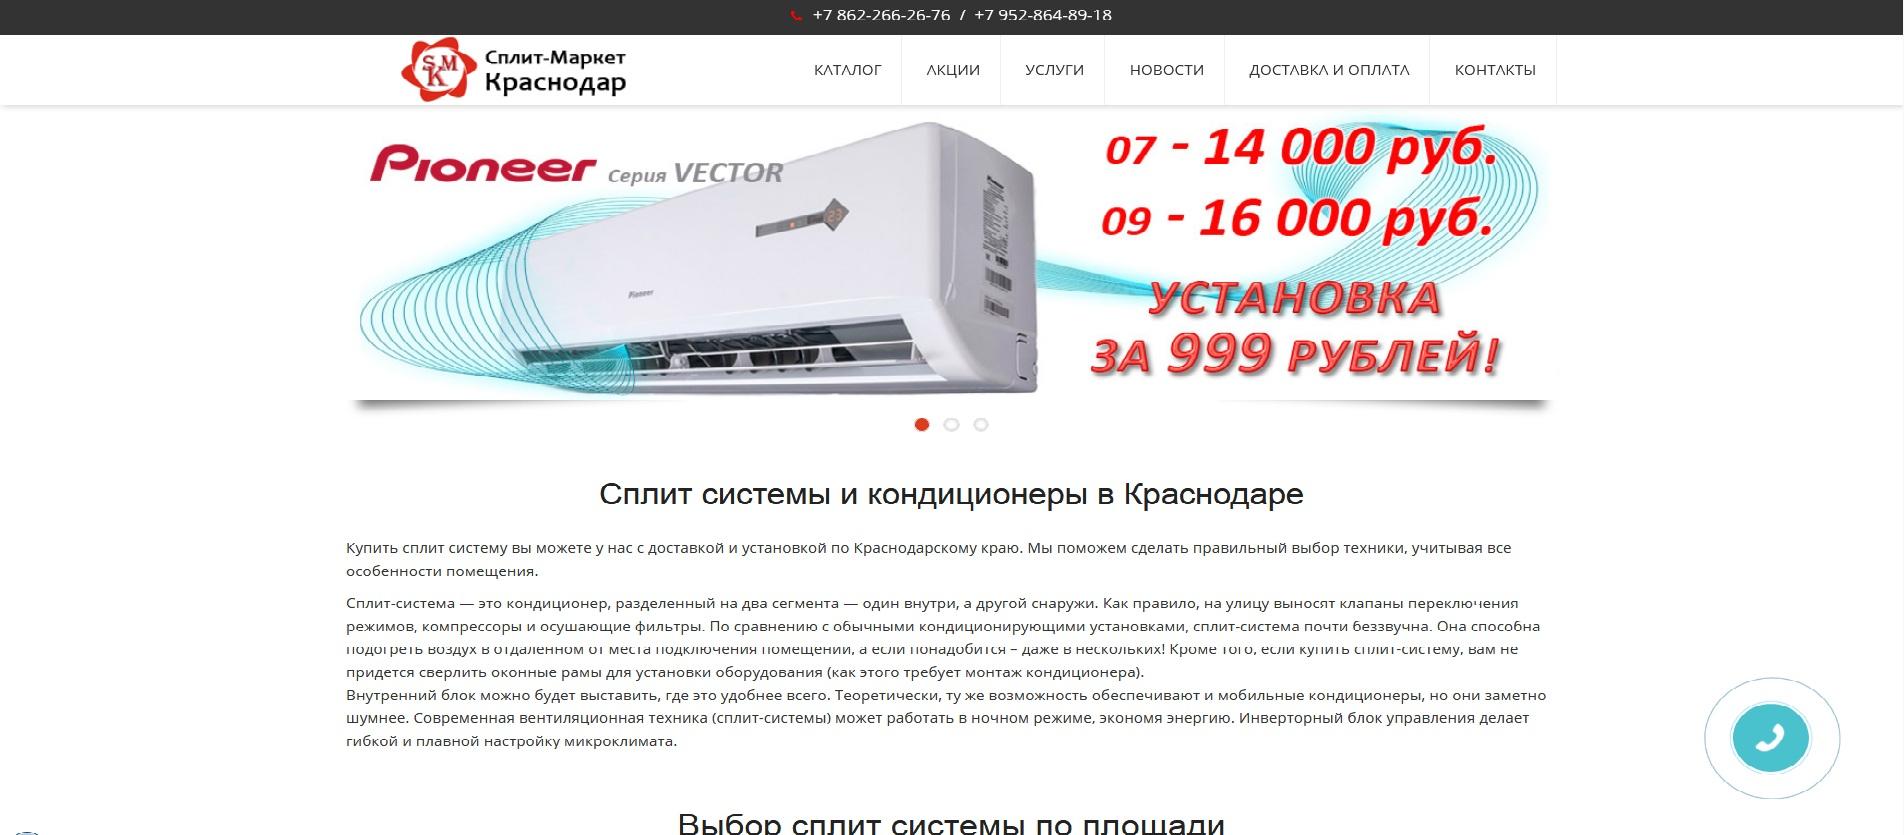 Сайт сплит систем — splitmarket-krasnodar